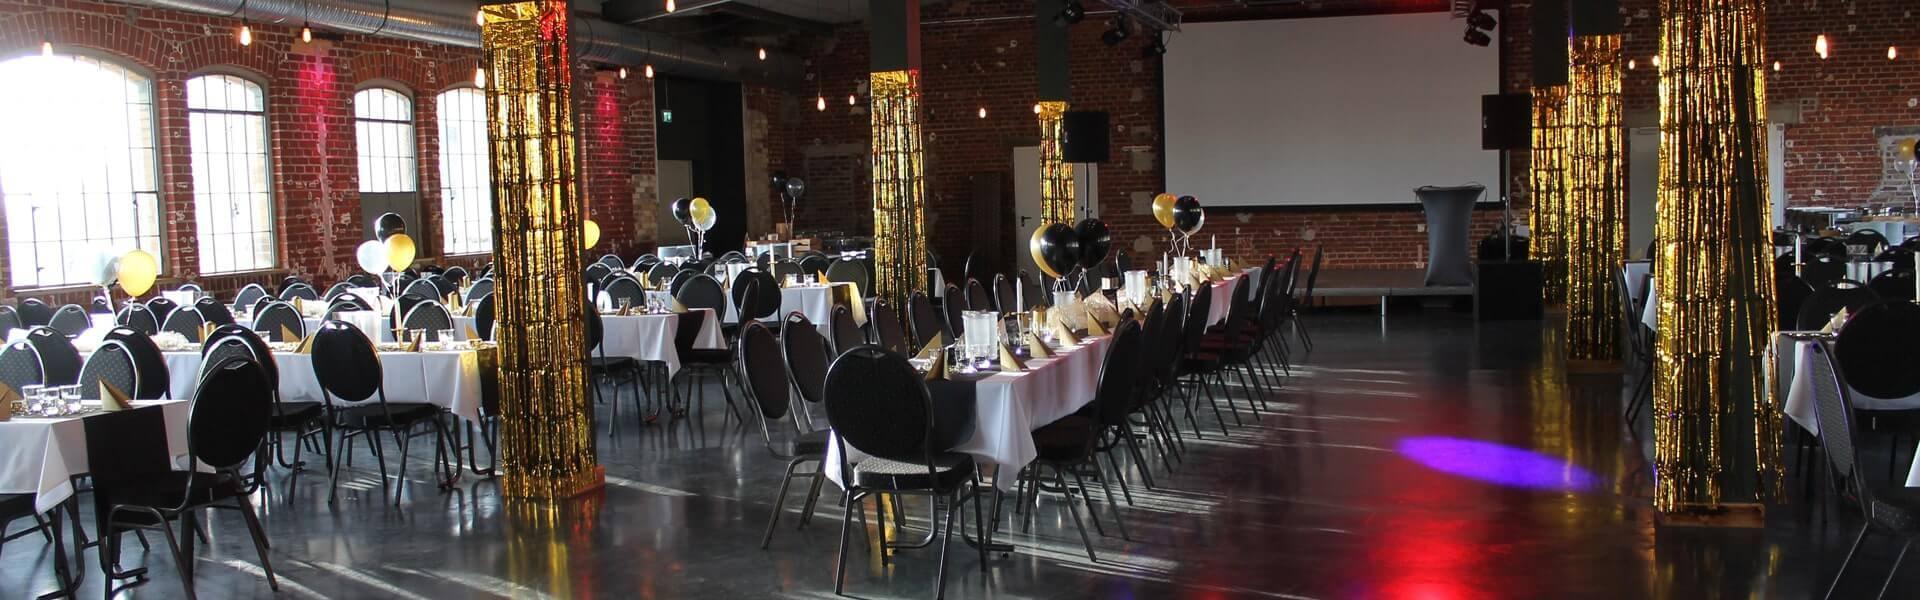 Motto Party und Weihnachtsfeier im Stil der 20er Jahre Gatsby mit b-ceed events.